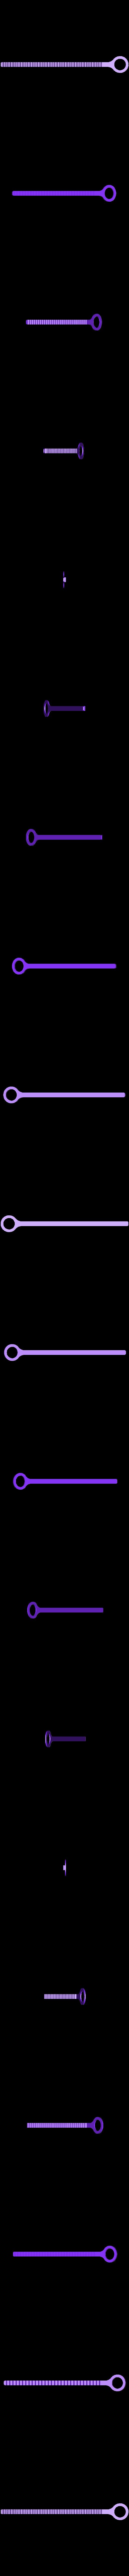 Draggerv2.stl Télécharger fichier STL gratuit Propeller launcher • Design à imprimer en 3D, BEEVERYCREATIVE